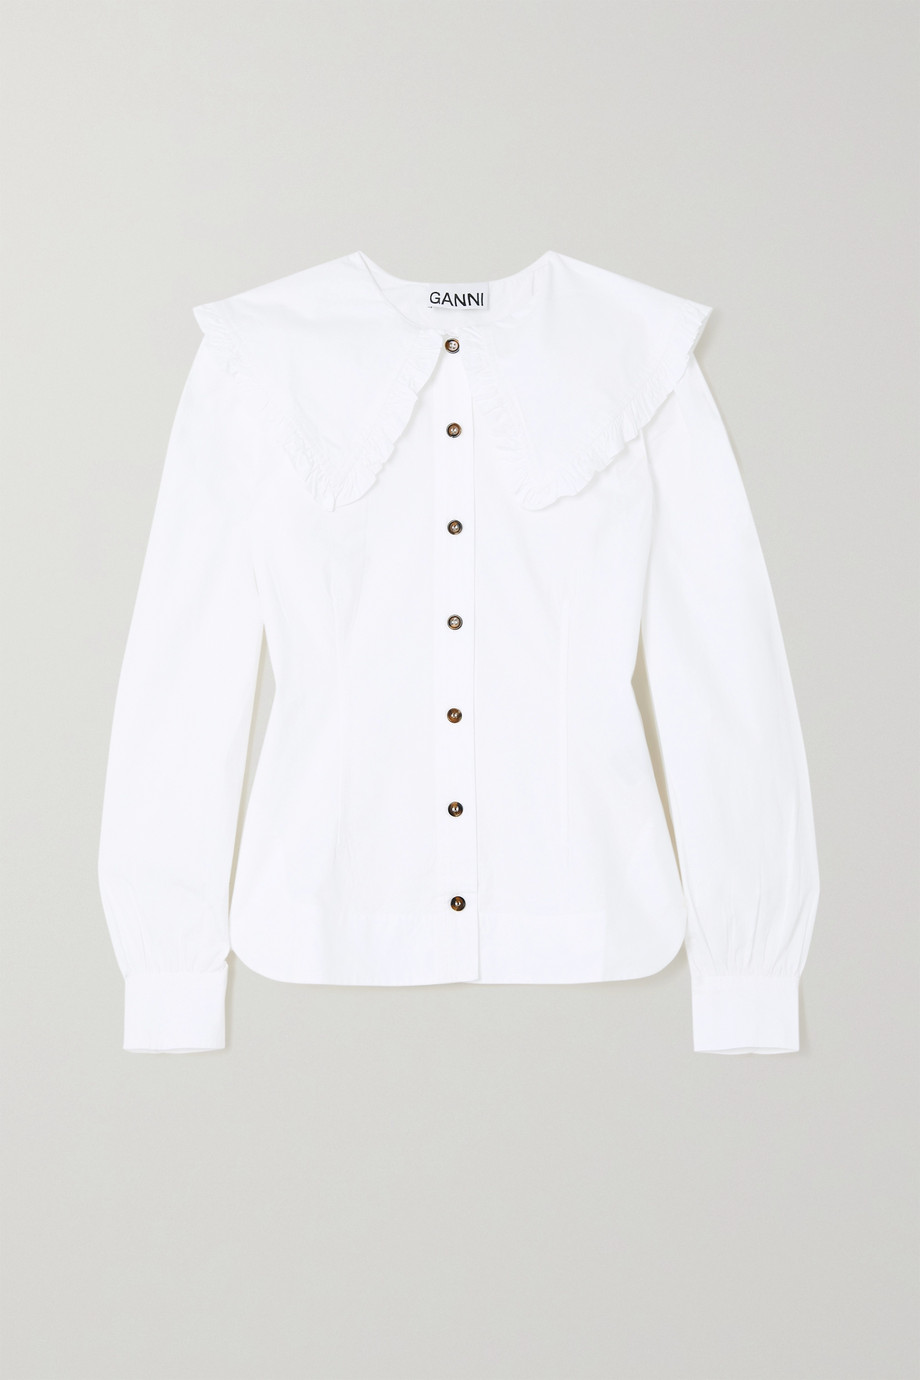 GANNI + NET SUSTAIN ruffled organic cotton-poplin blouse